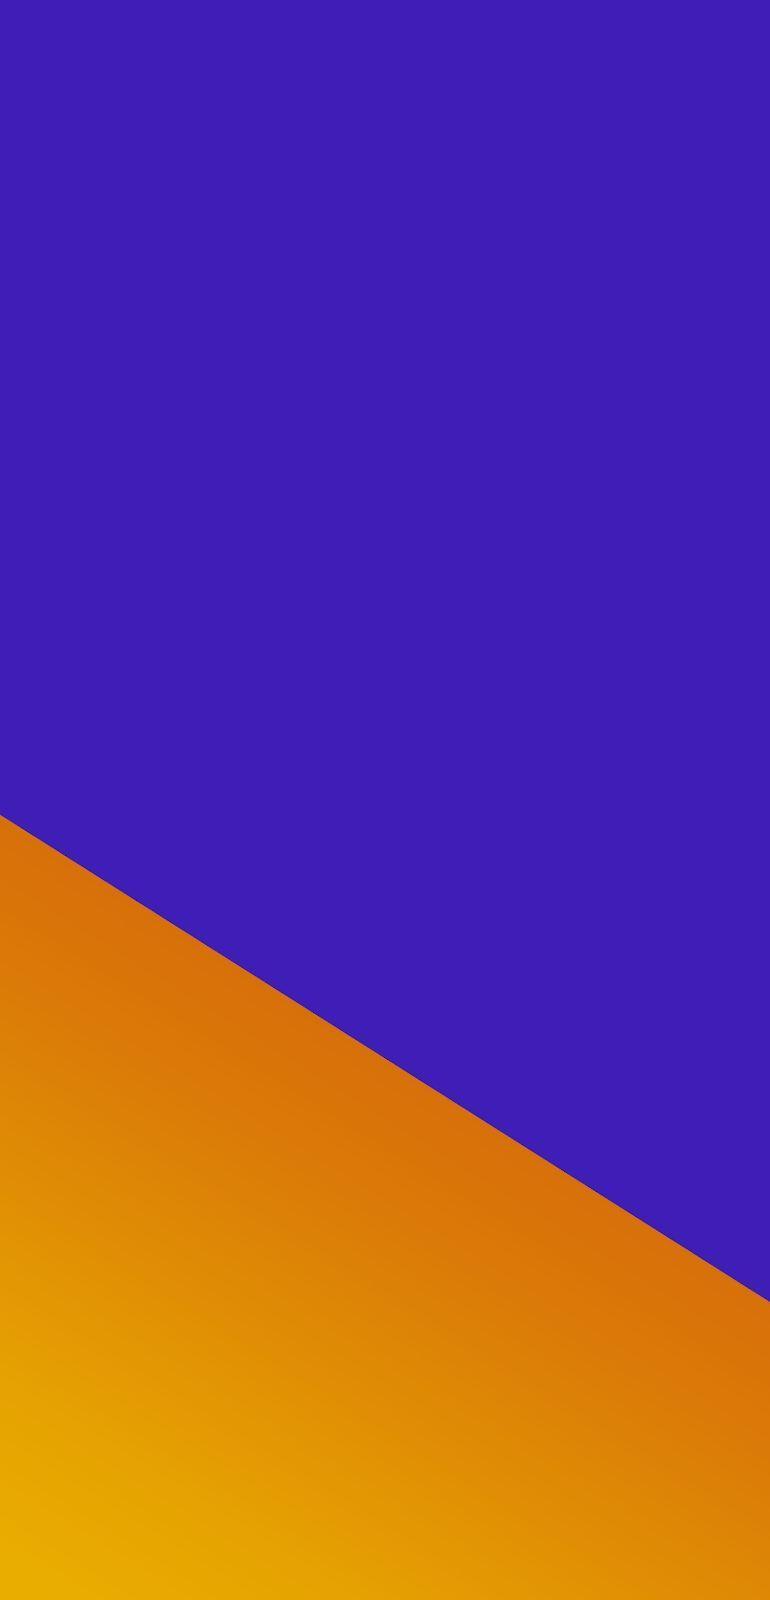 Asus Zenfone 5 Wallpapers Top Free Asus Zenfone 5 Backgrounds Wallpaperaccess